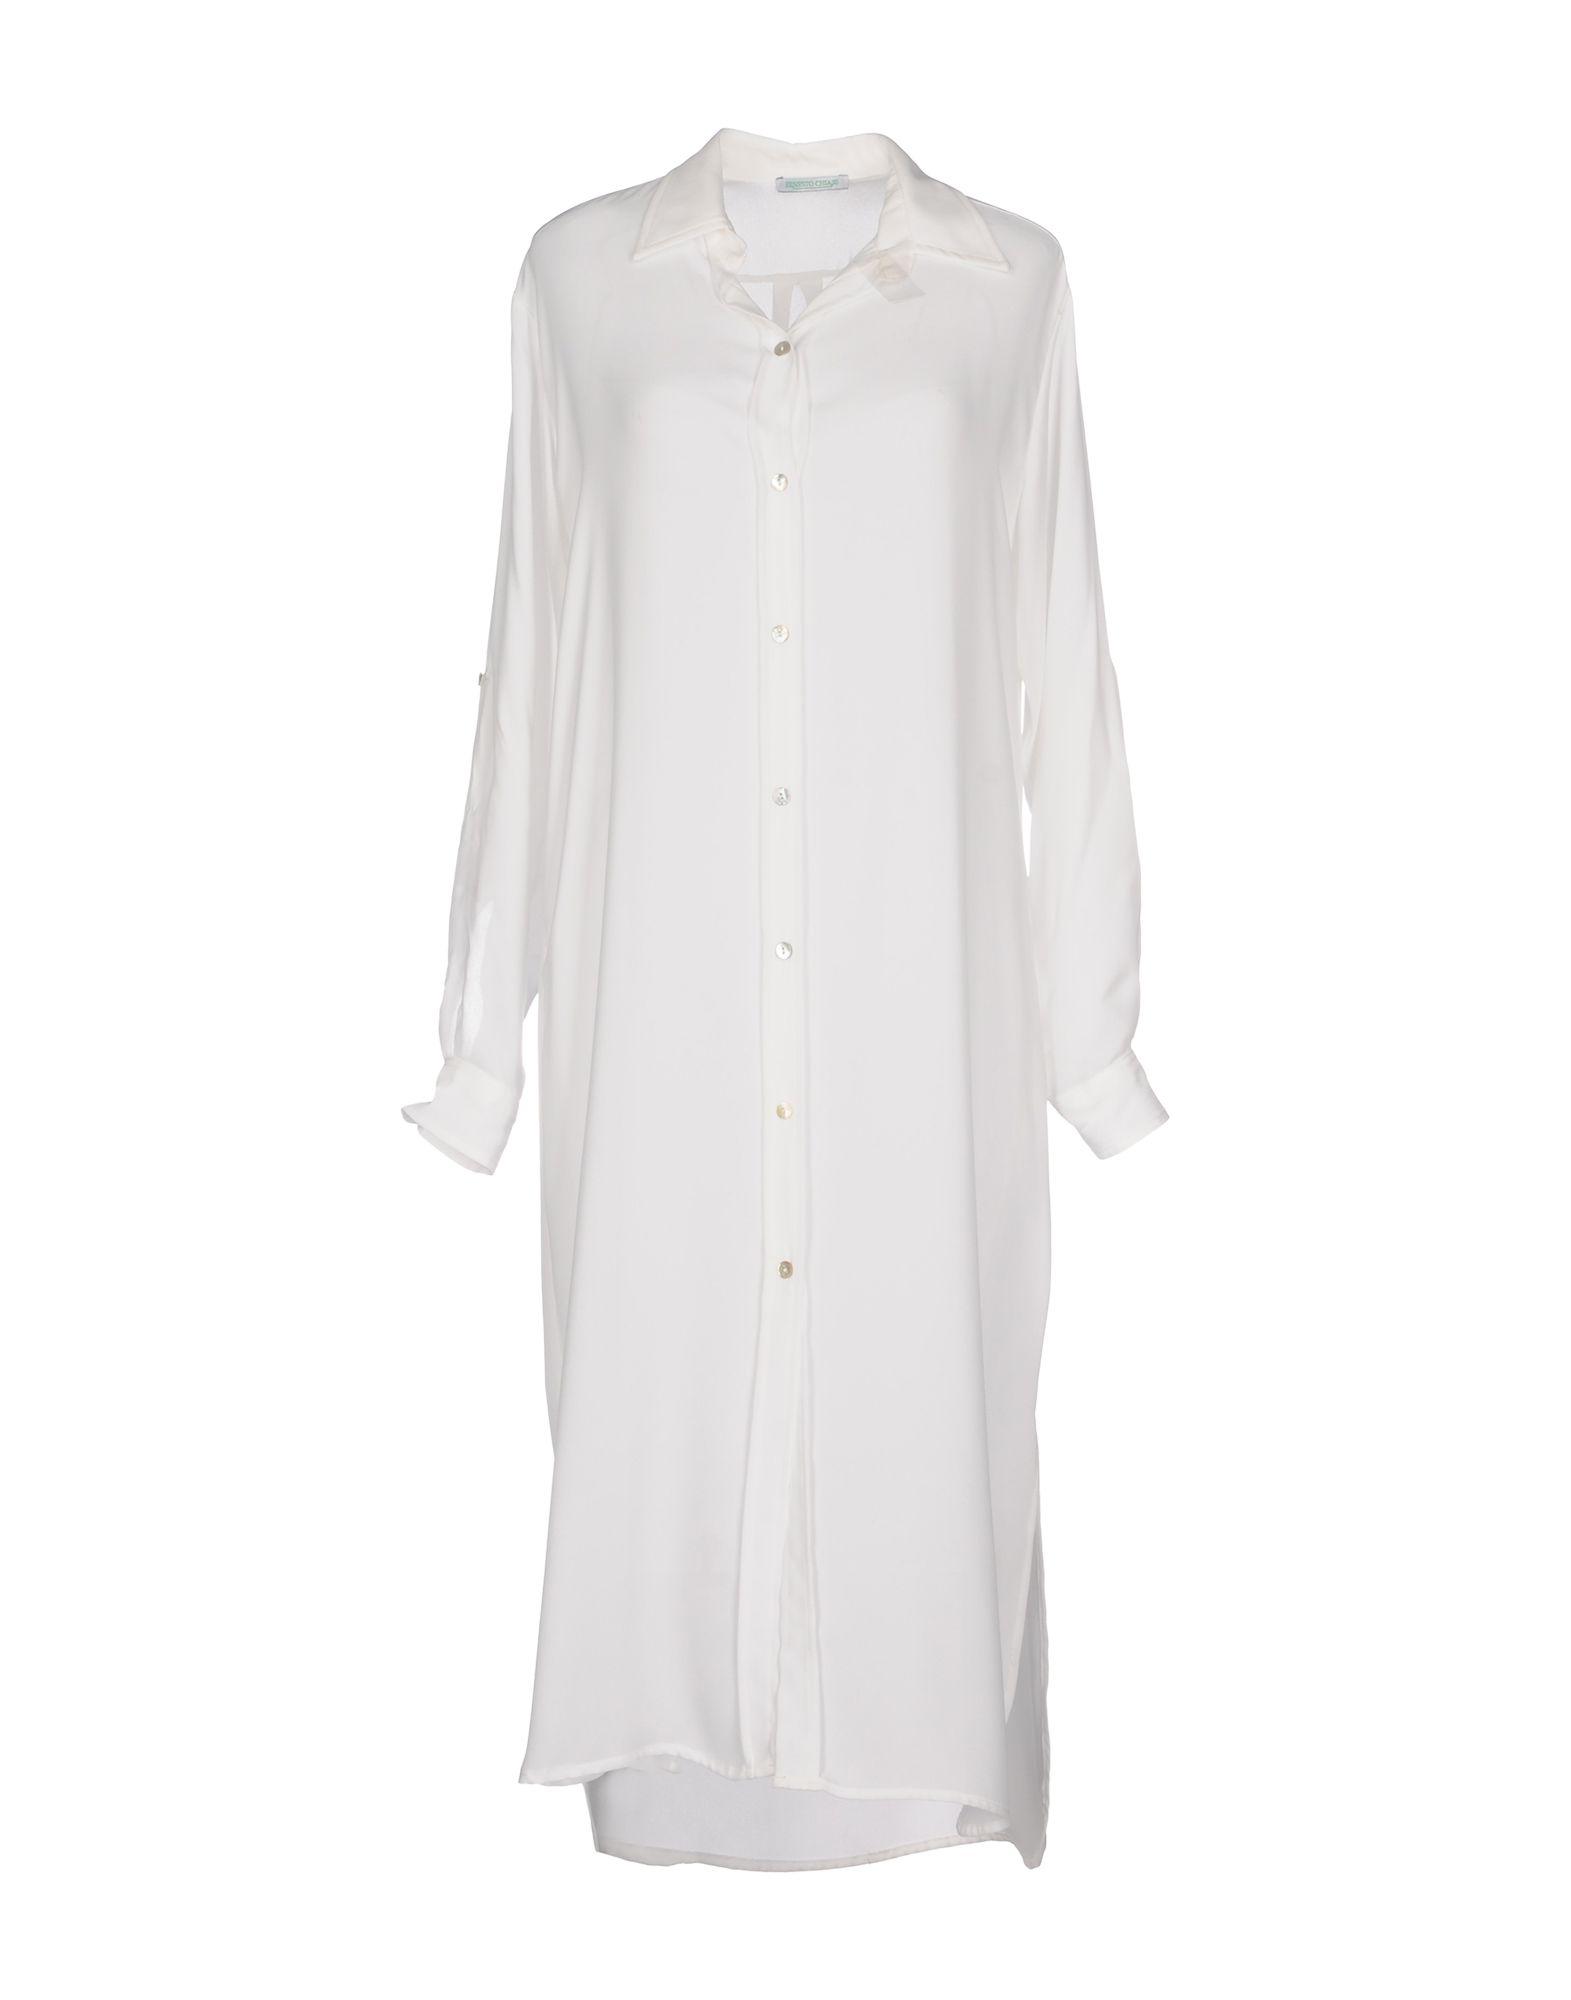 где купить ERNESTO CHIARI Платье до колена по лучшей цене